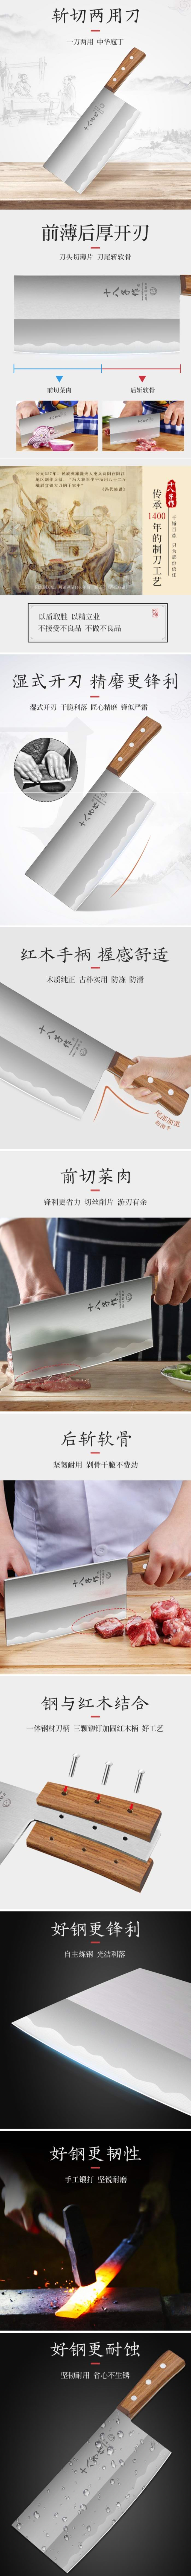 阳江十八子作 7英寸 二合一 切菜斩骨 中式斩切刀 23.99加元!